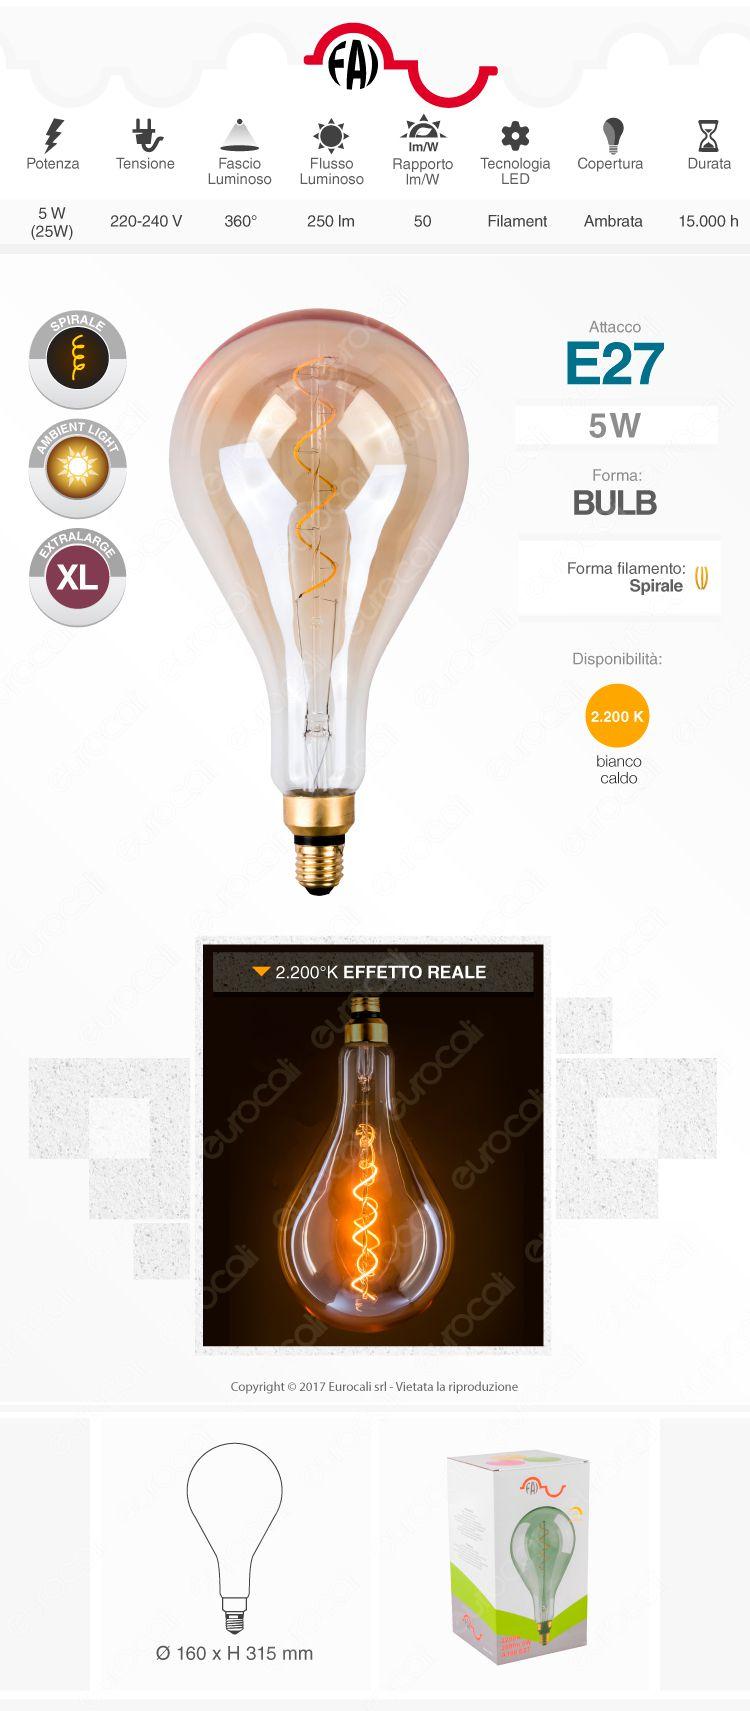 Lampadina E27 Filamento LED a Spirale FAI 5W Bulb A160 con Vetro Ambrato